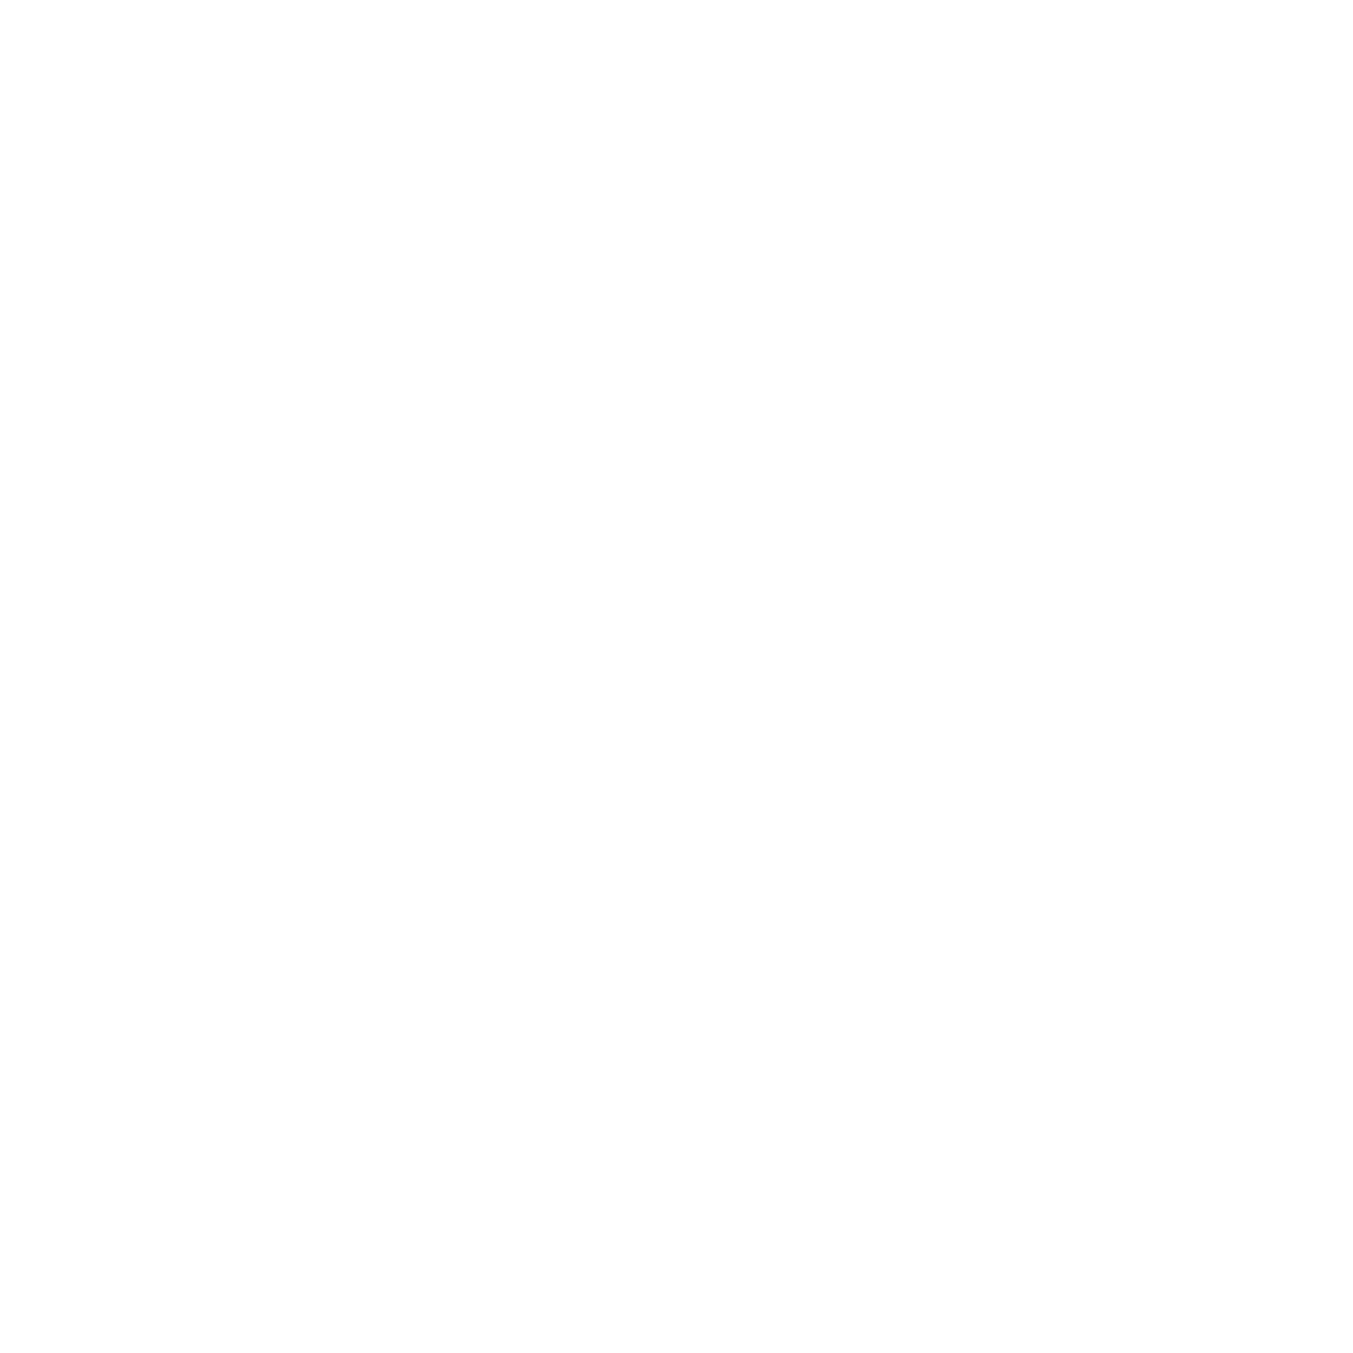 PZU - Główny Sponsor KFG